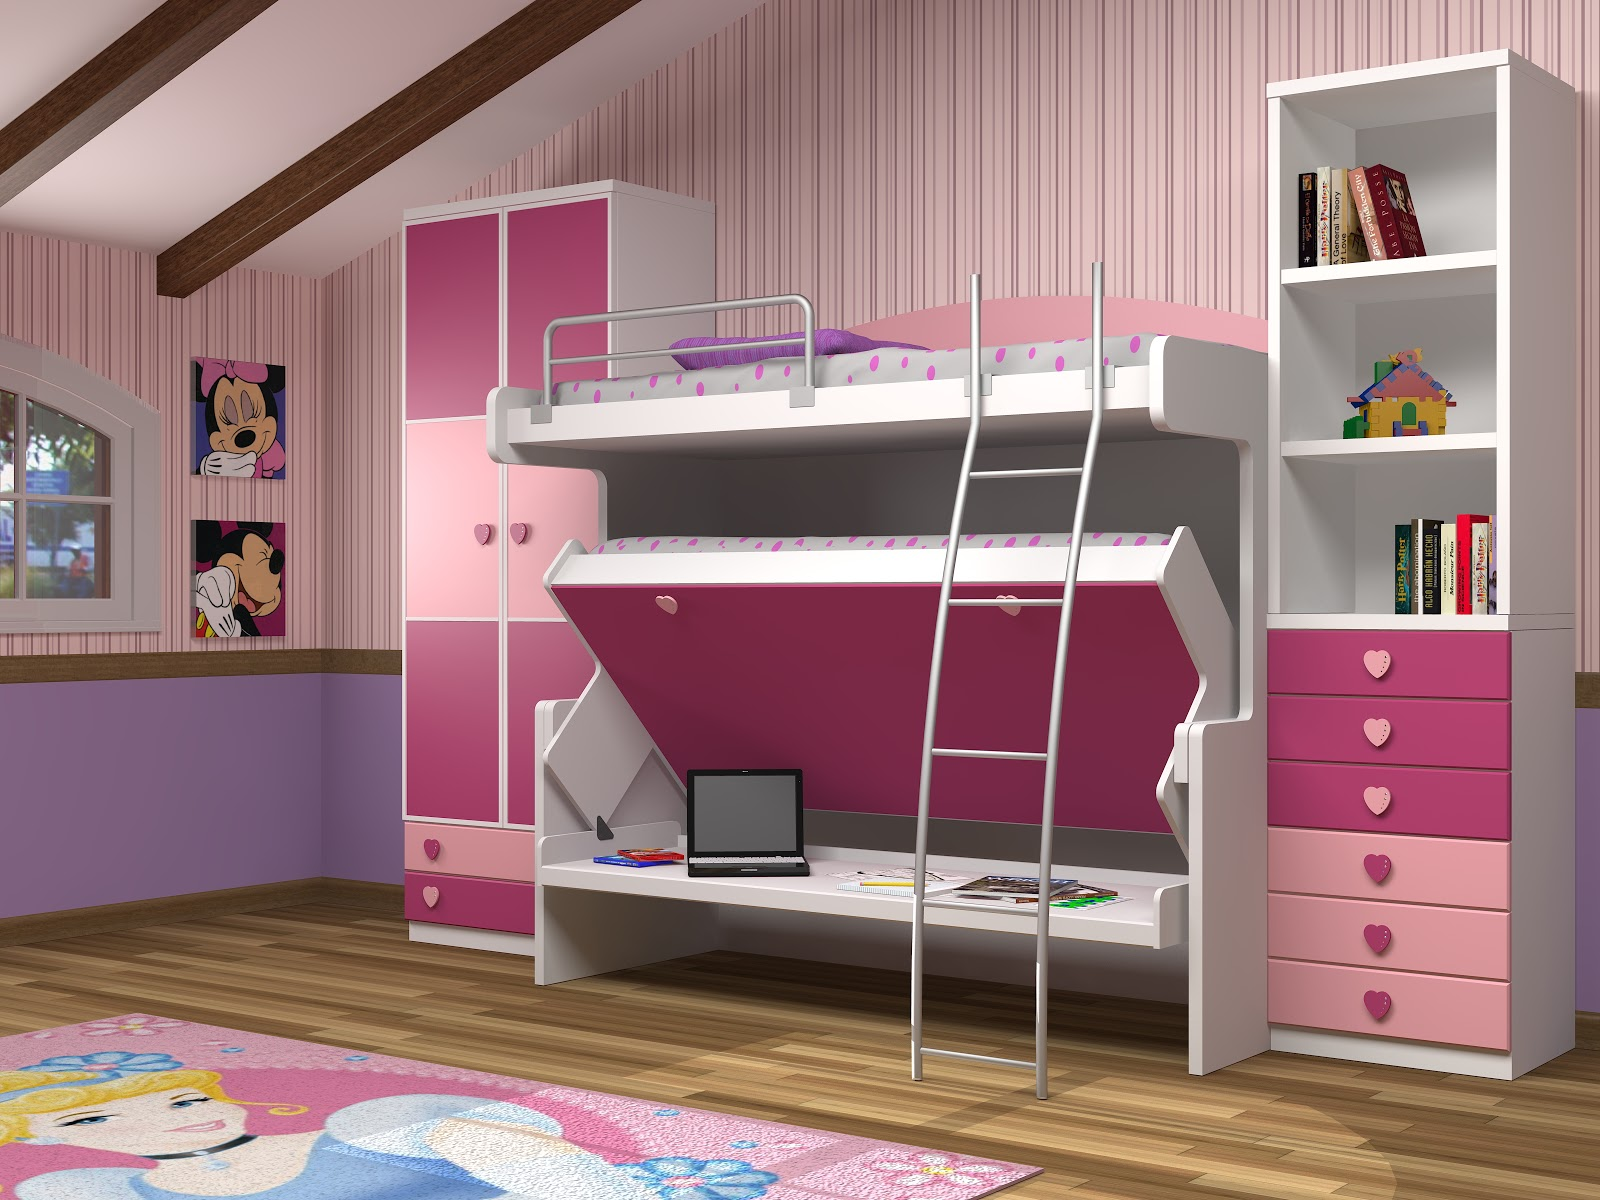 Muebles juveniles dormitorios infantiles y habitaciones for Imagenes de camas infantiles